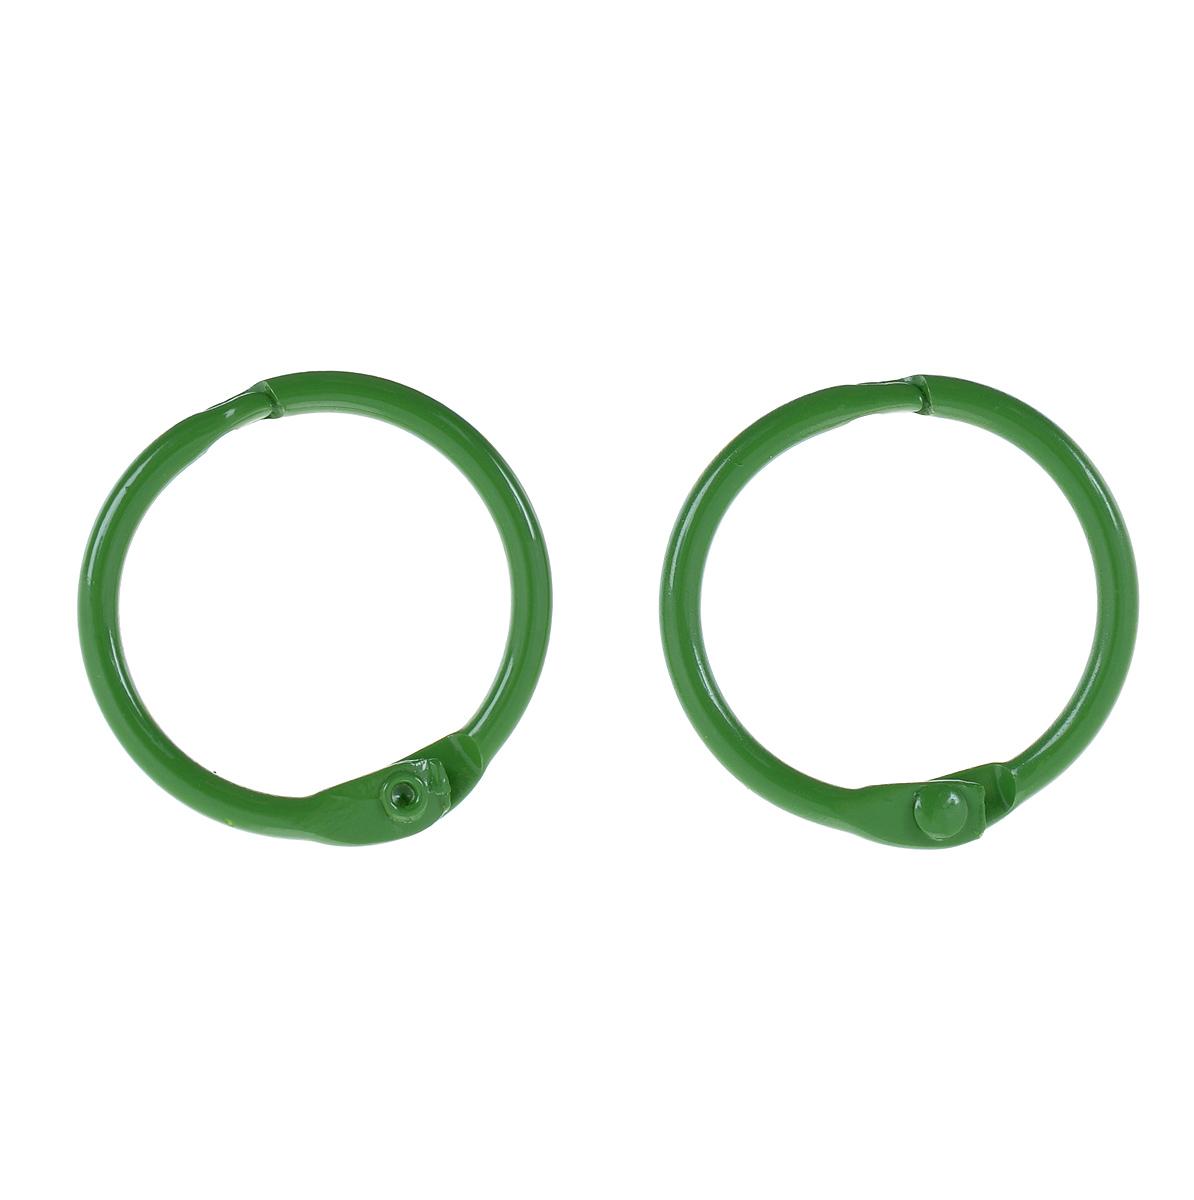 Кольца для скрап-альбома ScrapBerrys, цвет: зеленый, диаметр 25 мм, 2 штSCB2504725Кольца ScrapBerrys изготовлены из металла и предназначены для скрепления альбомов, блокнотов, скетч-буков, выполненных в технике скрапбукинг. В наборе - 2 кольца. Скрапбукинг - это хобби, которое способно приносить массу приятных эмоций не только человеку, который этим занимается, но и его близким, друзьям, родным. Это невероятно увлекательное занятие, которое поможет вам сохранить наиболее памятные и яркие моменты вашей жизни, а также интересно оформить интерьер дома. Диаметр кольца: 25 мм. Ширина кольца: 2 мм.